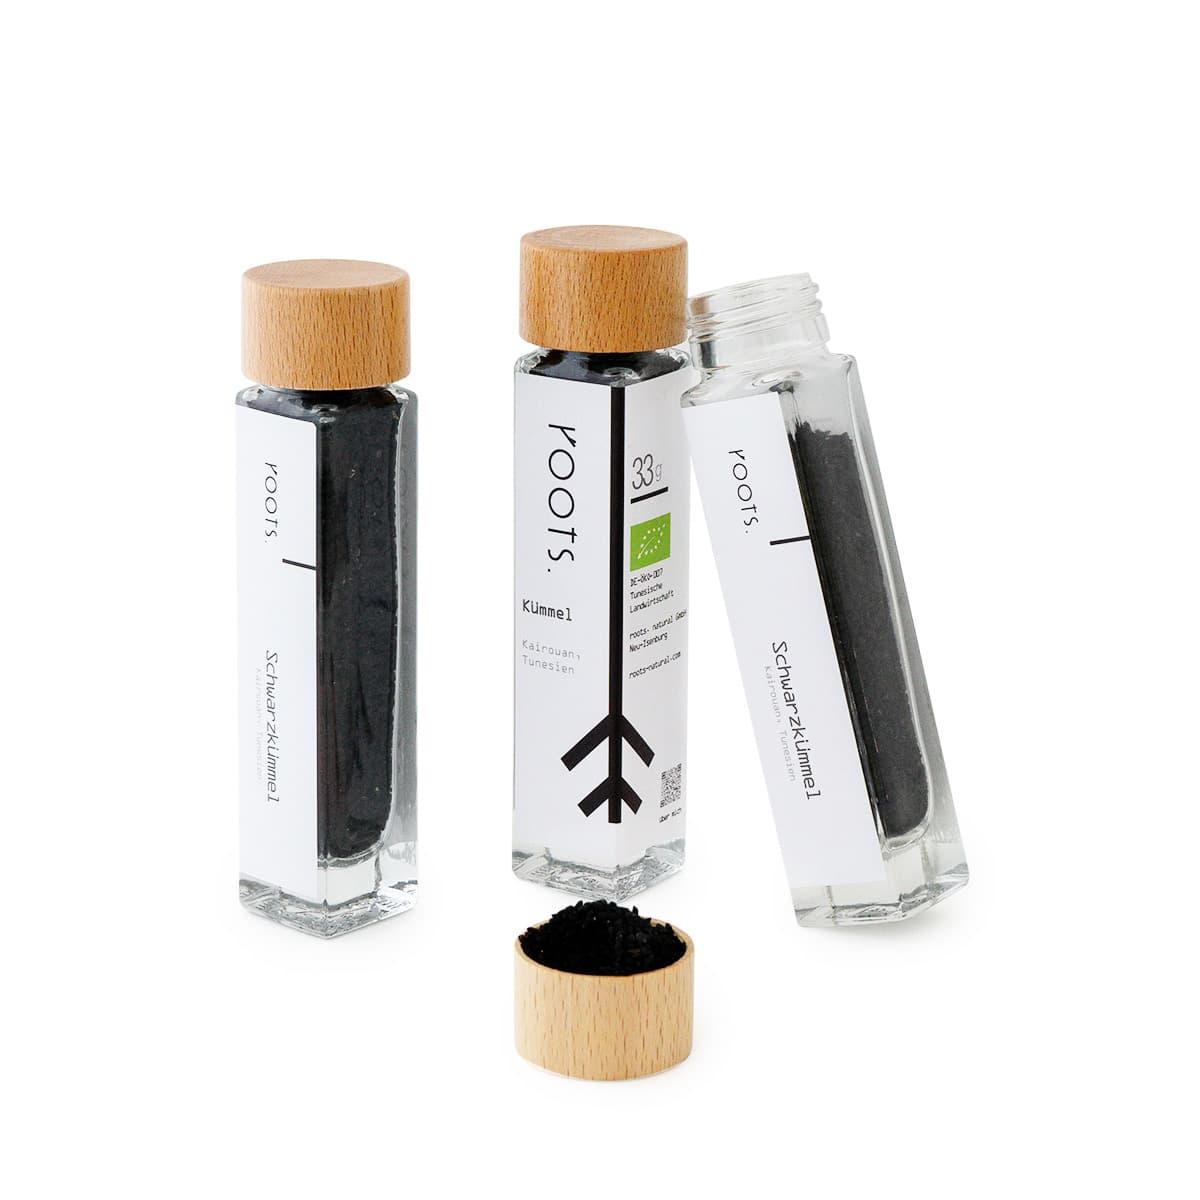 Schwarzkuemmel bio kaufen von roots im Gewuerz-Glas natuerlich und direkt aus Tunesien